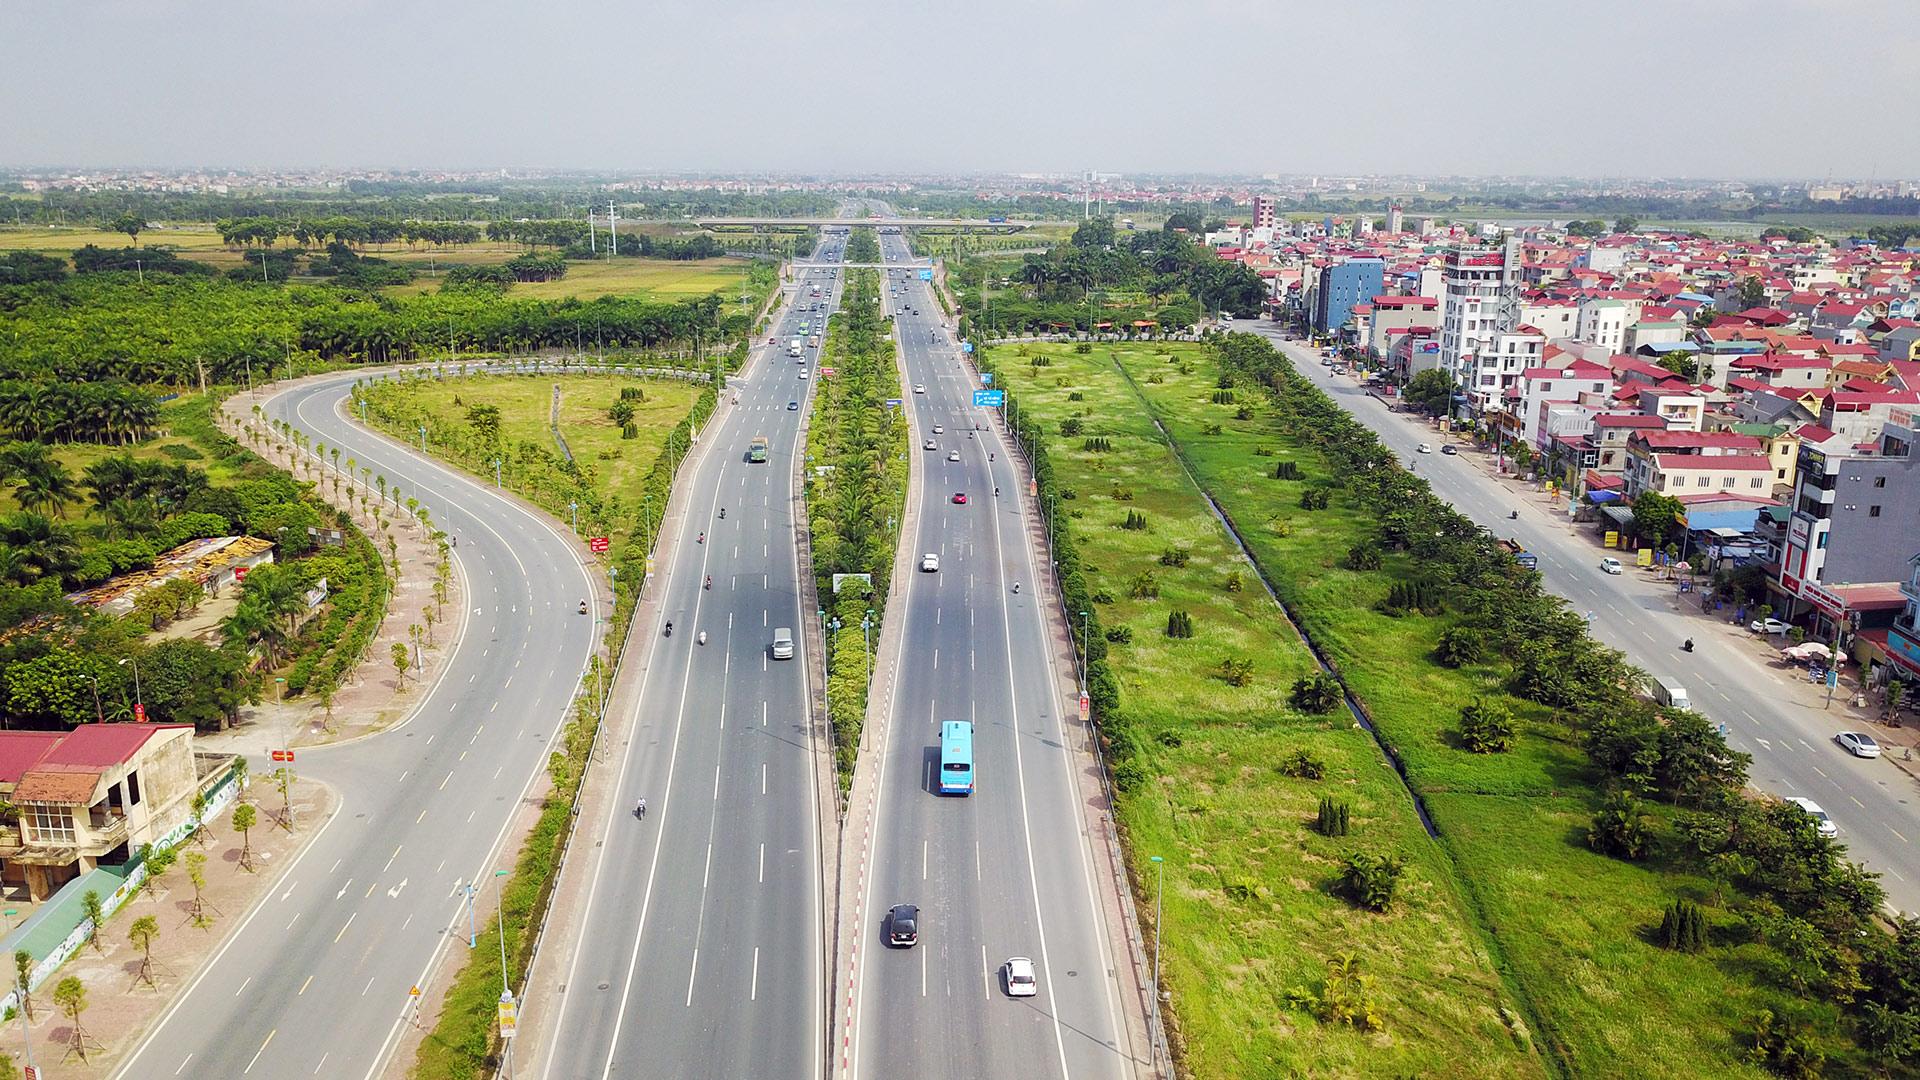 """Toàn cảnh 6 tuyến đường vành đai """"xử lý"""" ùn tắc giao thông ở Hà Nội, kết nối các tỉnh phía Bắc - 14"""